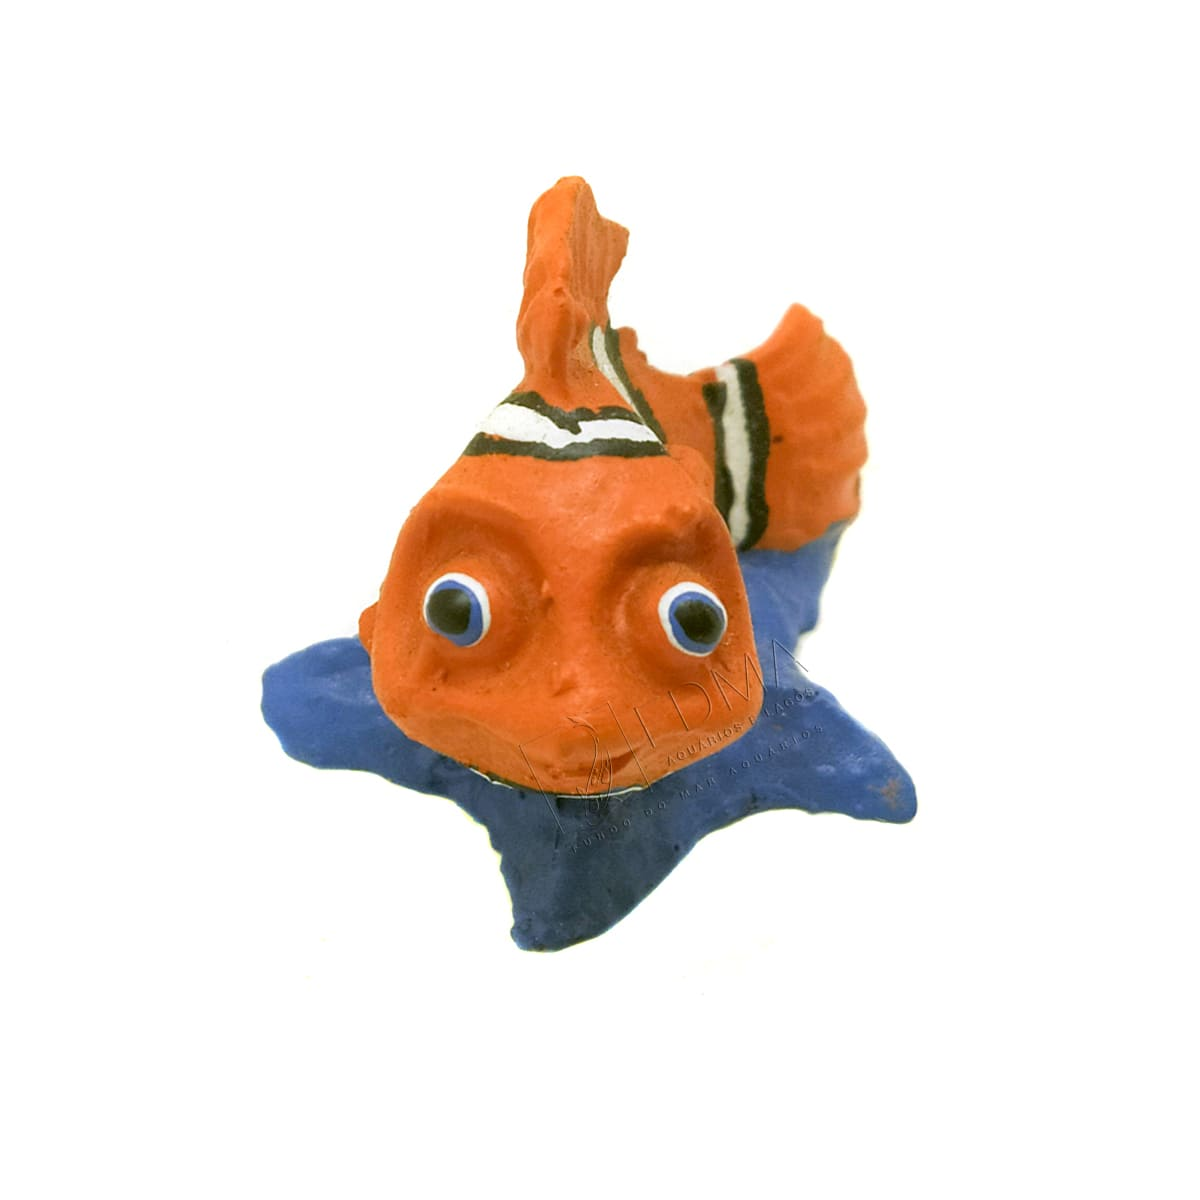 Enfeite Peixe Palhaço (Nemo) Fragata Aquários e Decoração